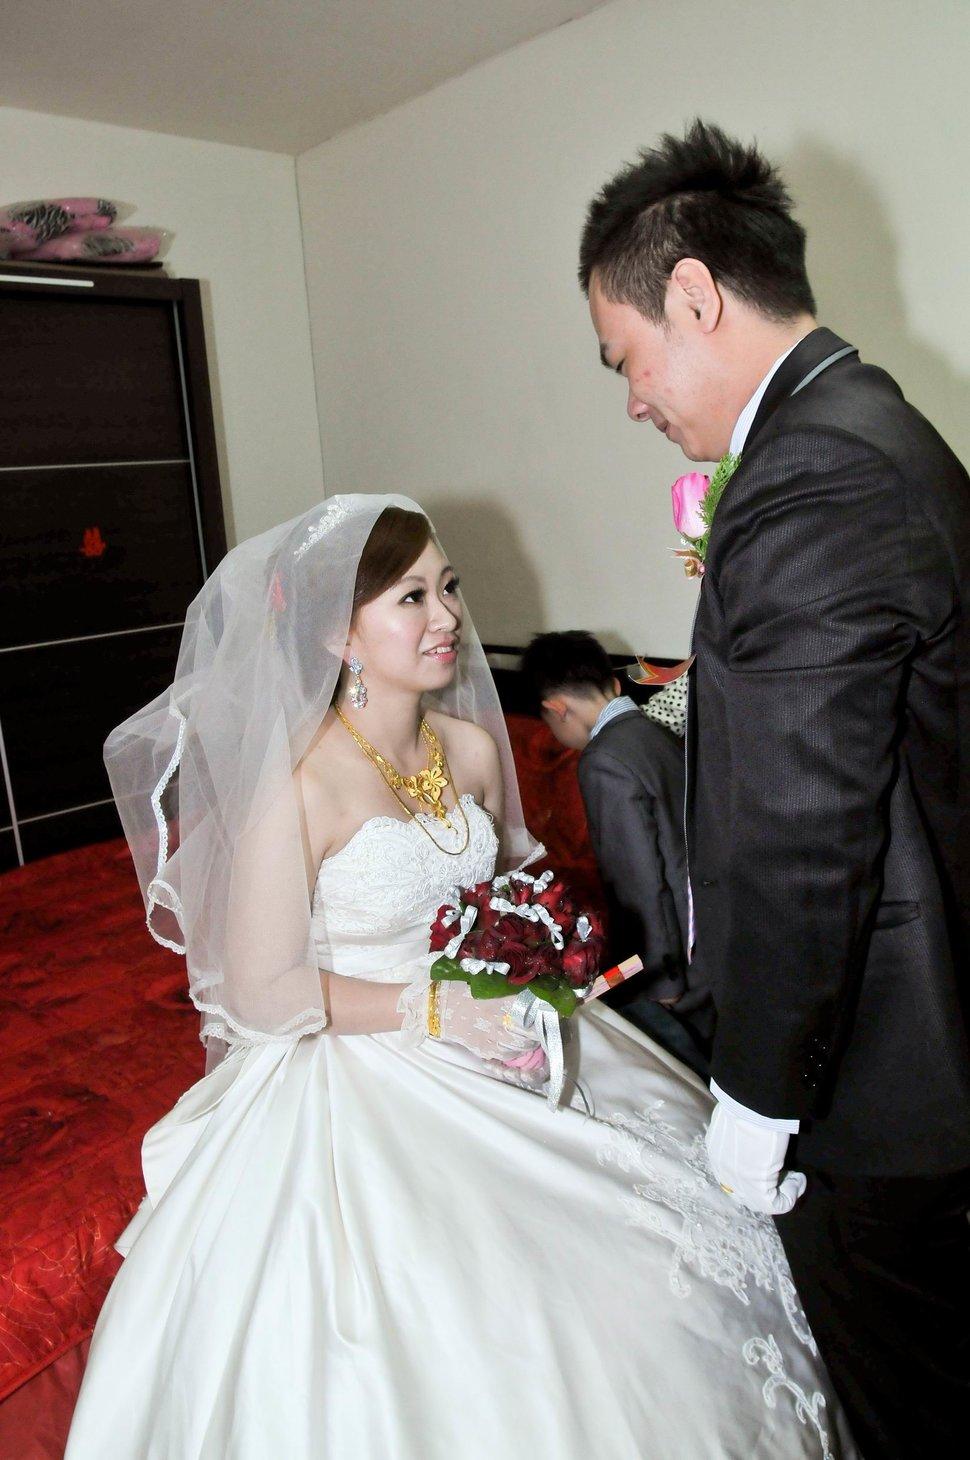 海產大王文定結婚儀式迎娶晚宴婚禮結婚儀式午宴婚禮記錄動態微電影錄影專業錄影平面攝影婚攝婚禮主持人(編號:303385) - 蜜月拍照10800錄影12800攝影團隊 - 結婚吧